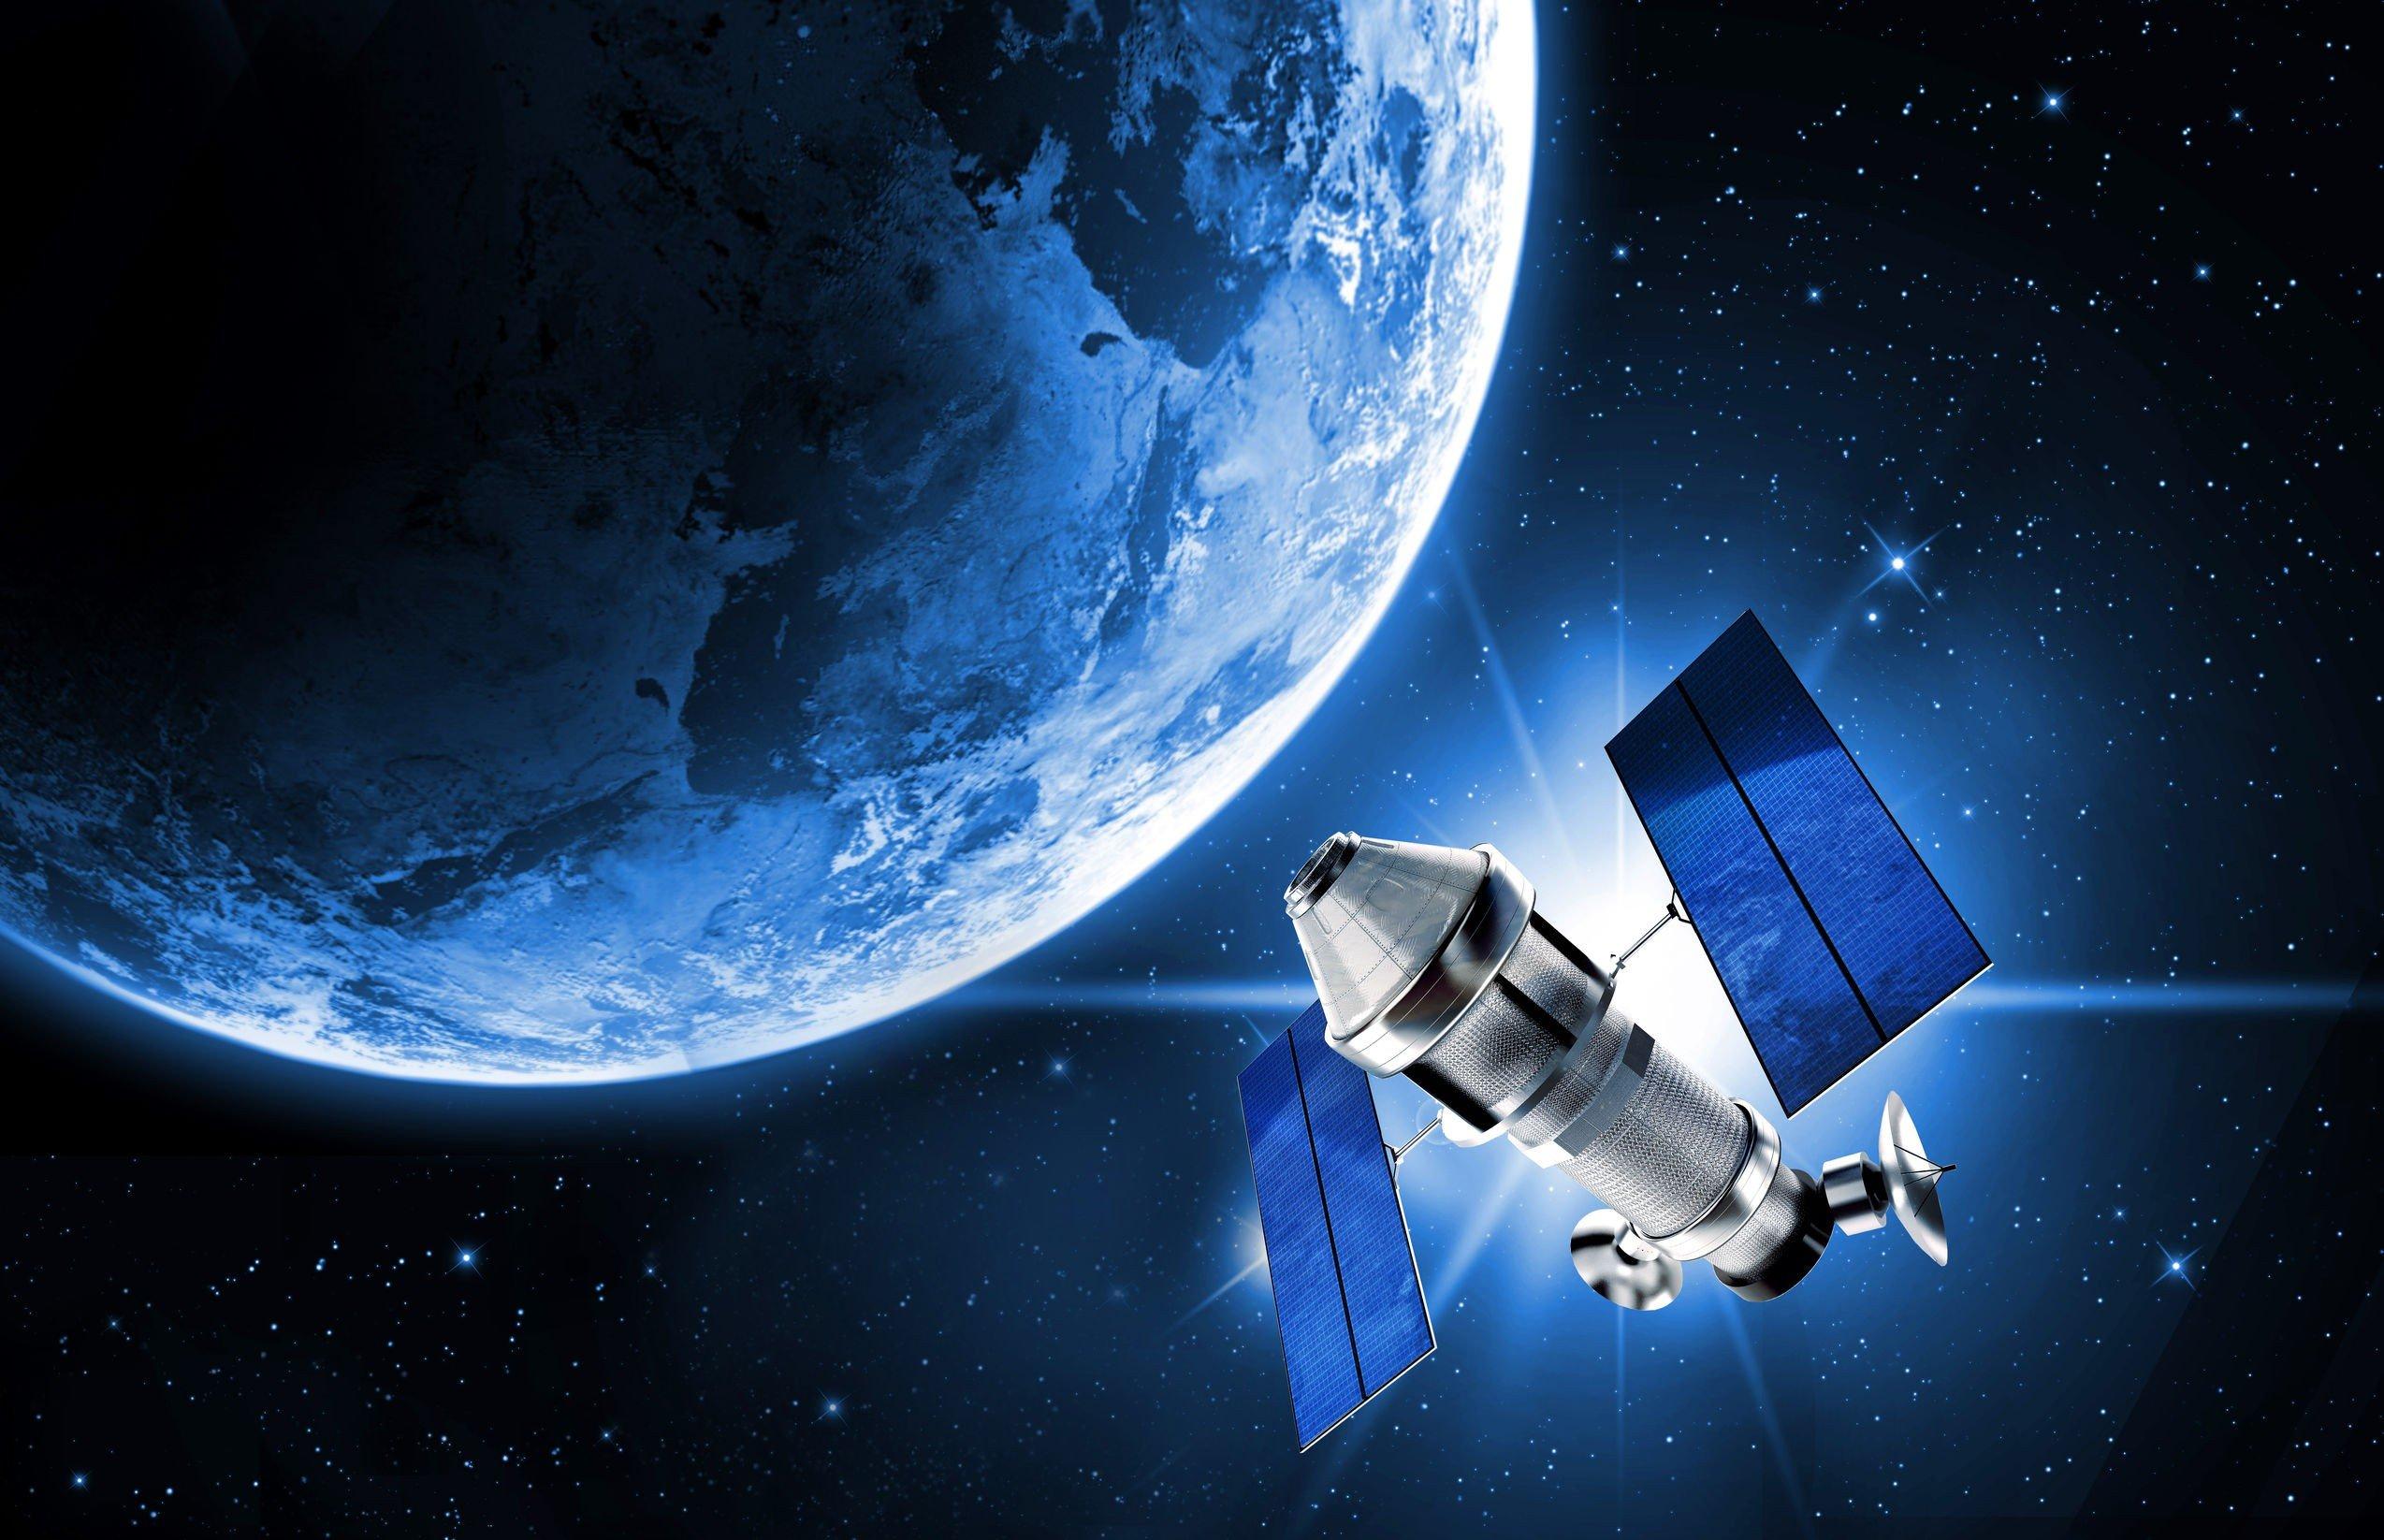 Сколько спутников в космосе 2018